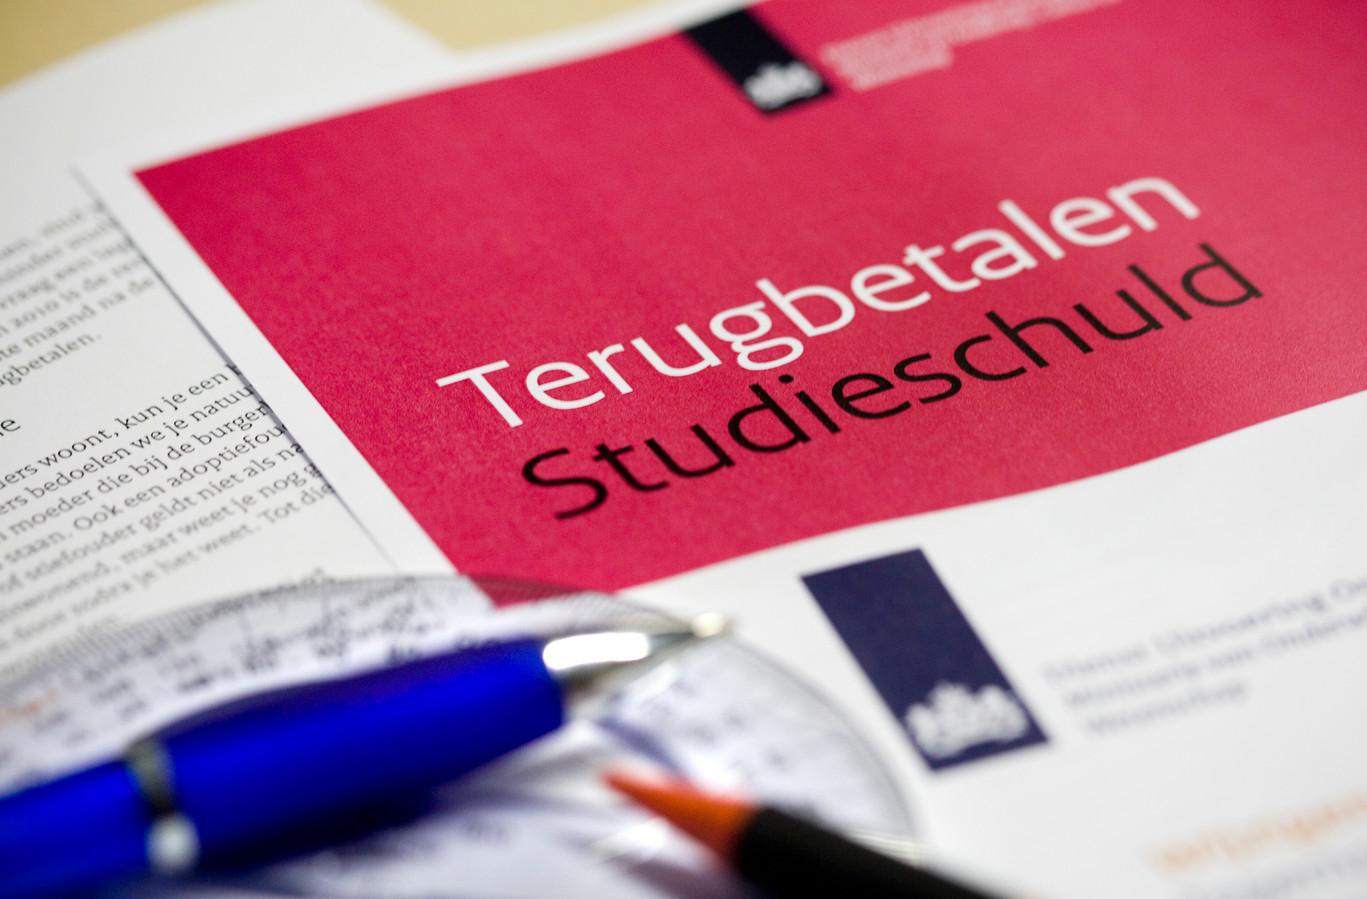 Studenten lenen voor hun studie.